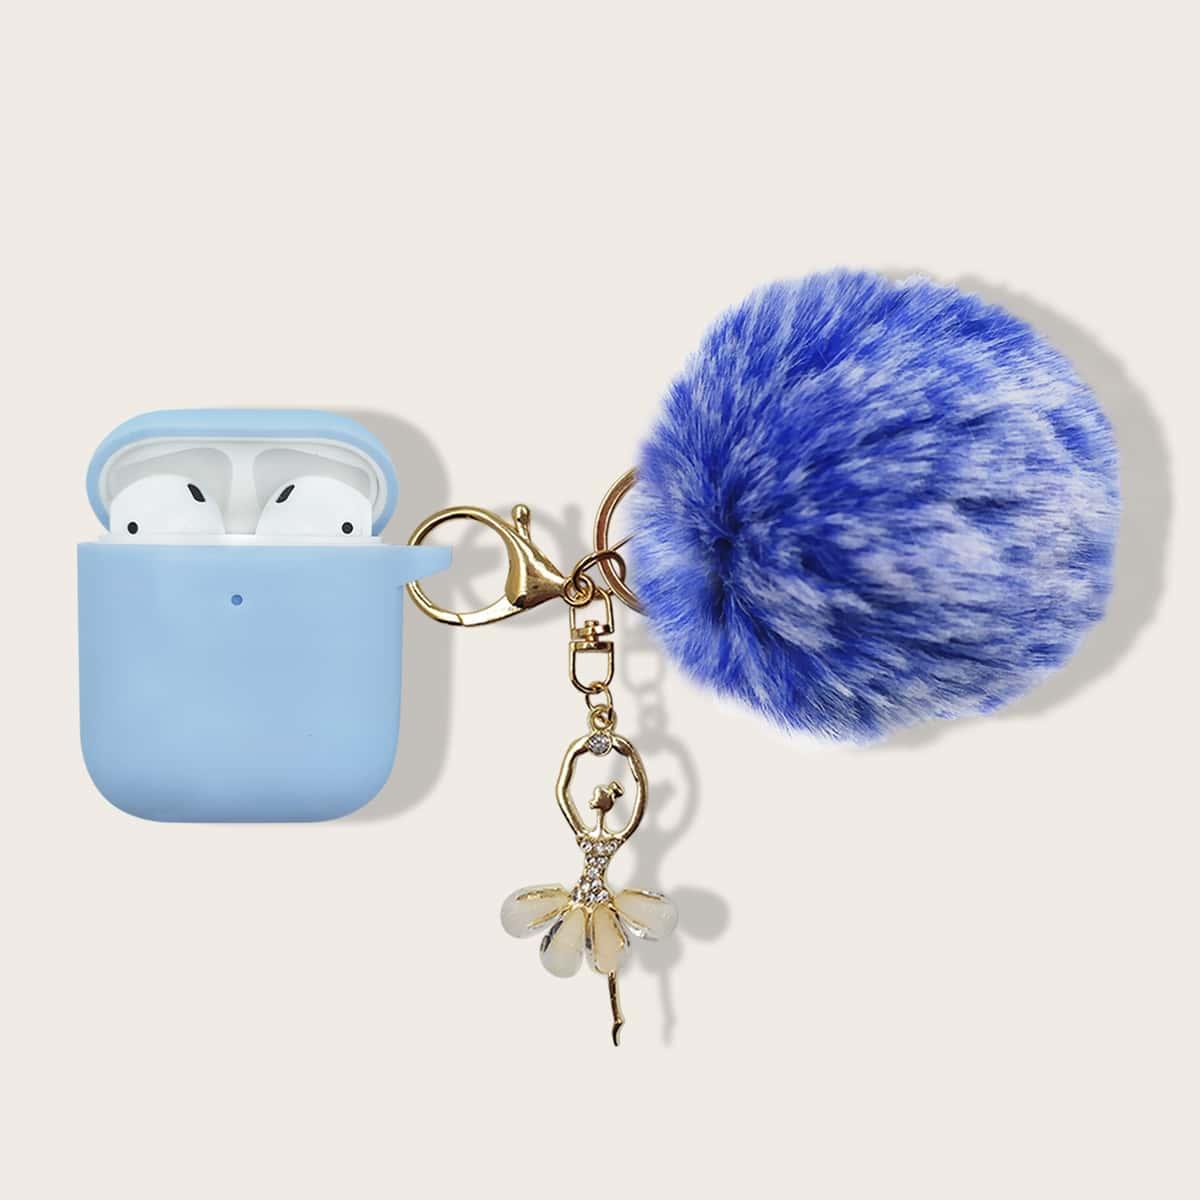 AirPods Etui mit Pompon Schlüsselbund